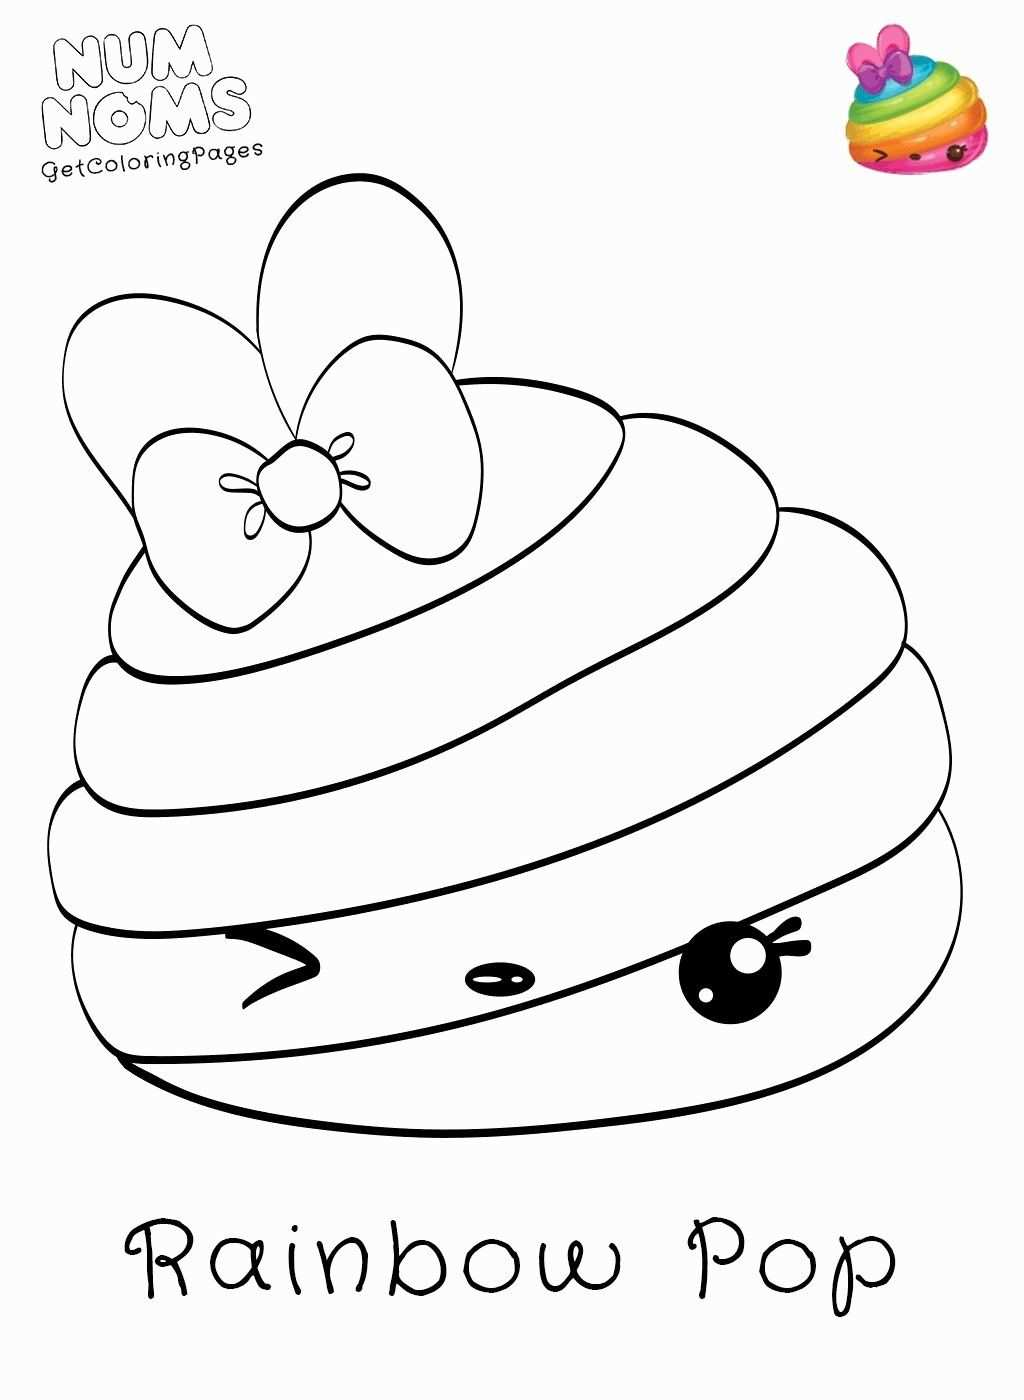 Kawaii Disney Coloring Pages In 2020 Met Afbeeldingen Kleurplaten